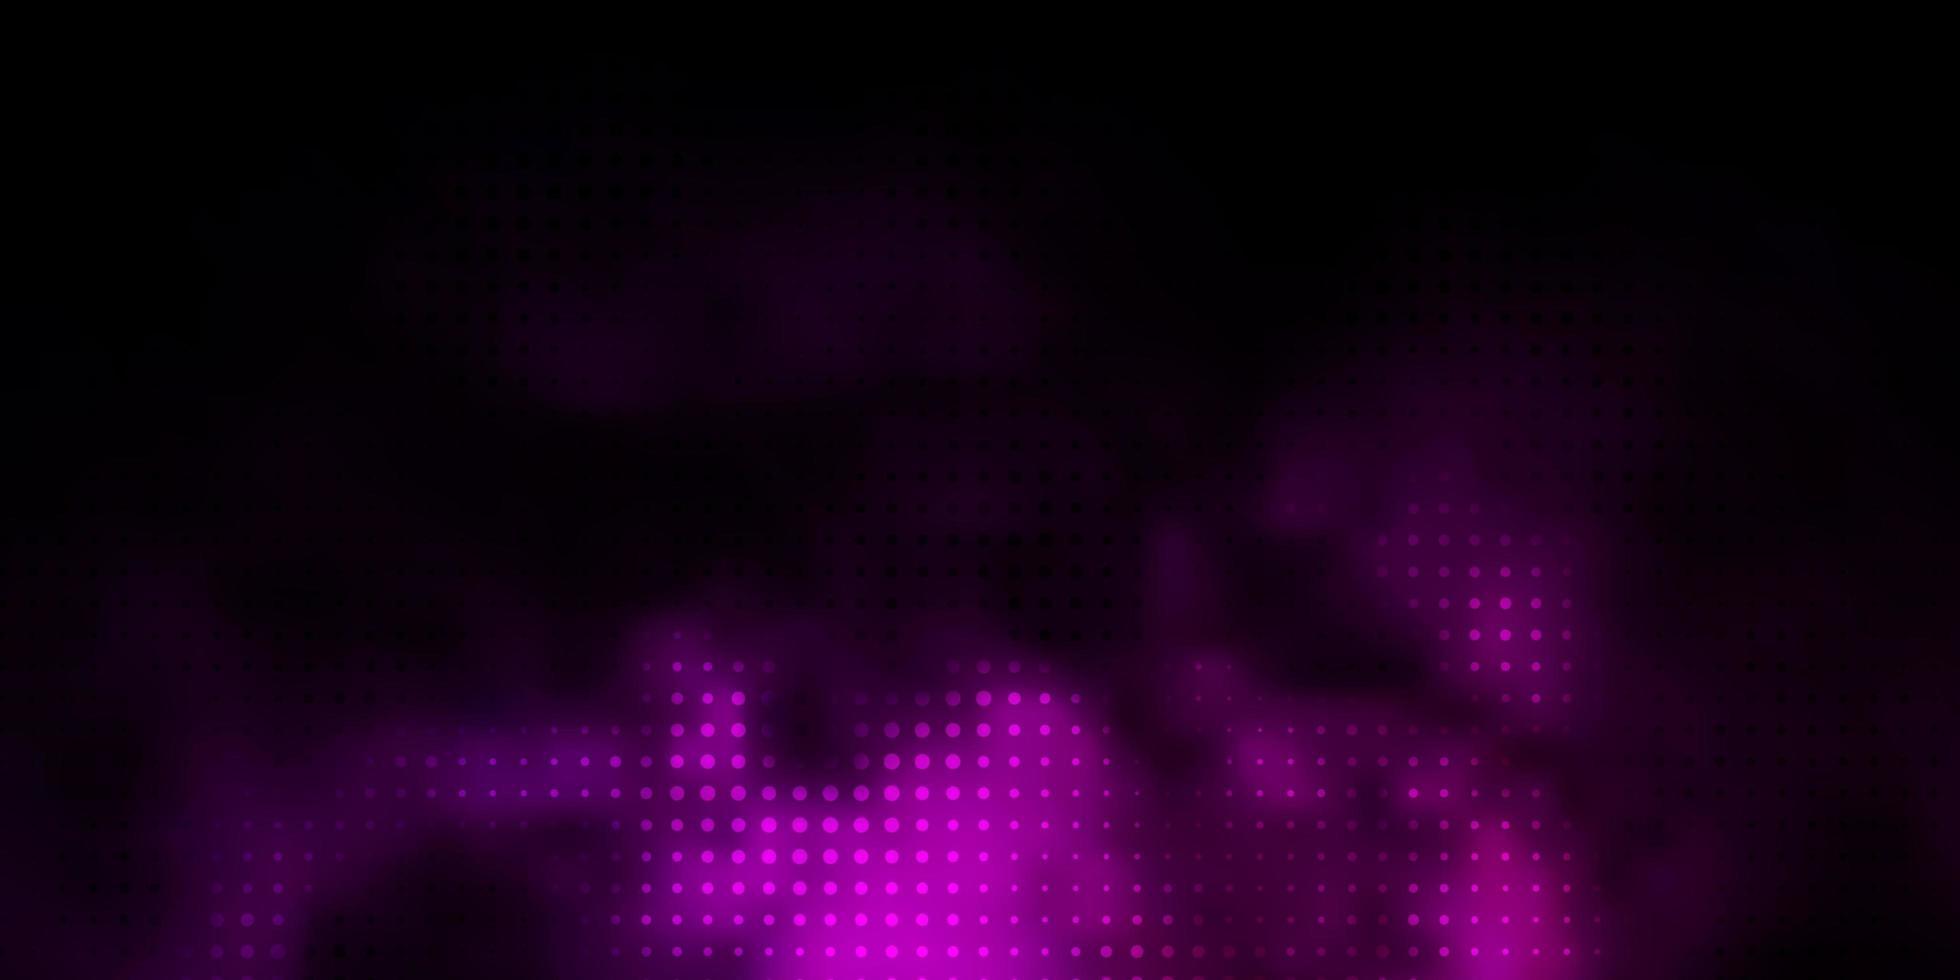 trama vettoriale viola scuro con dischi.